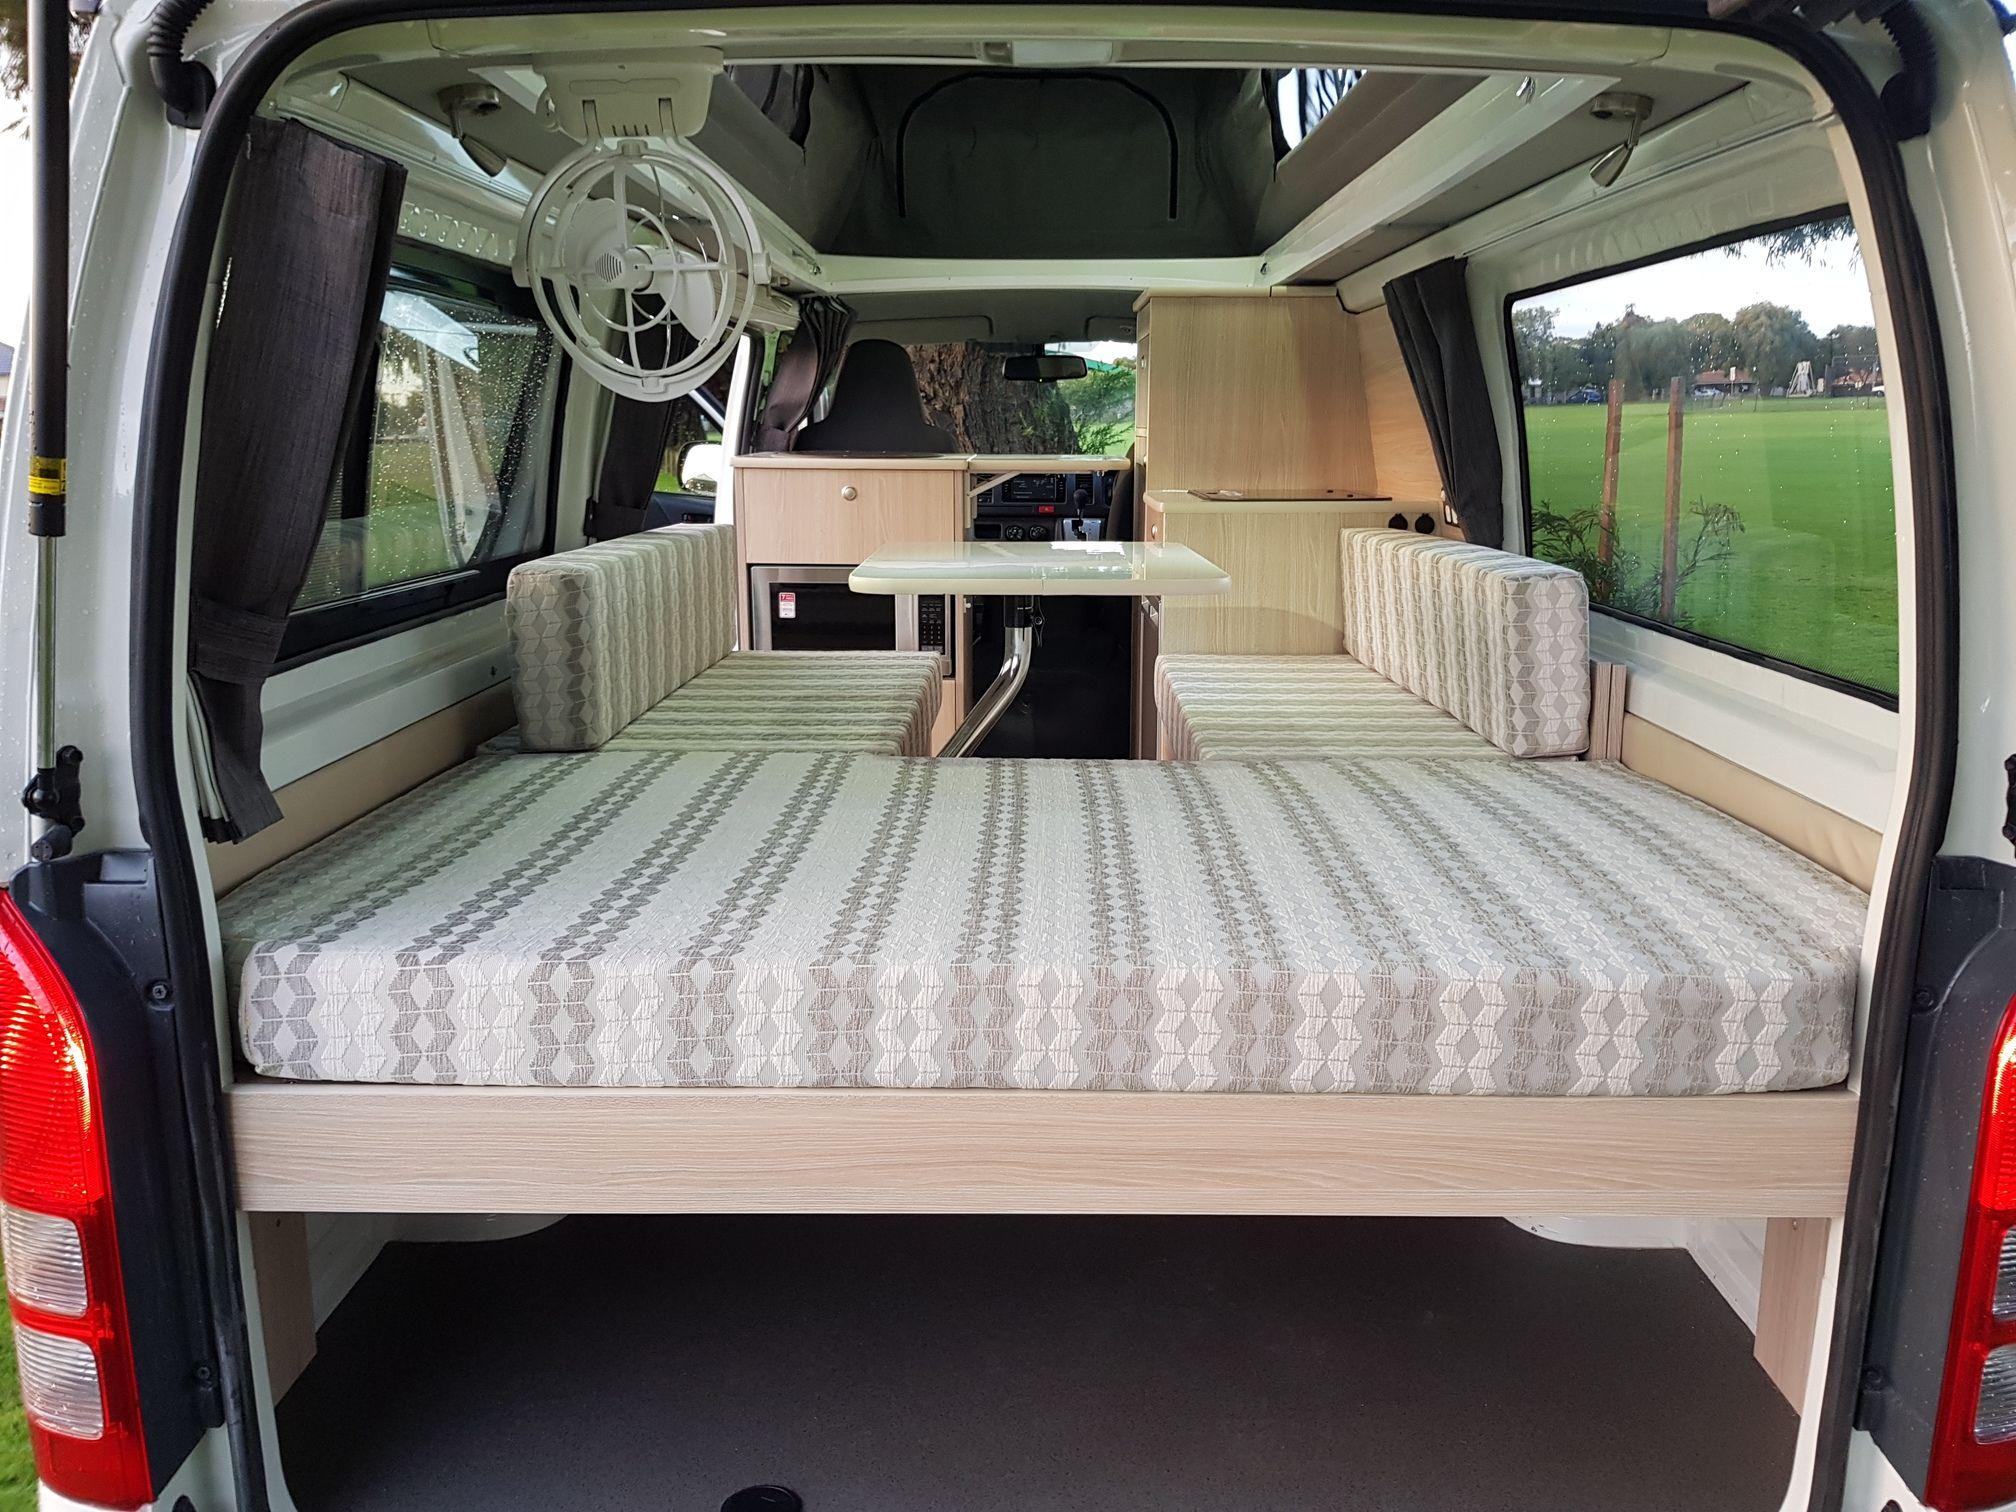 Campervan Interior Image By Alayna On V A N L I F E